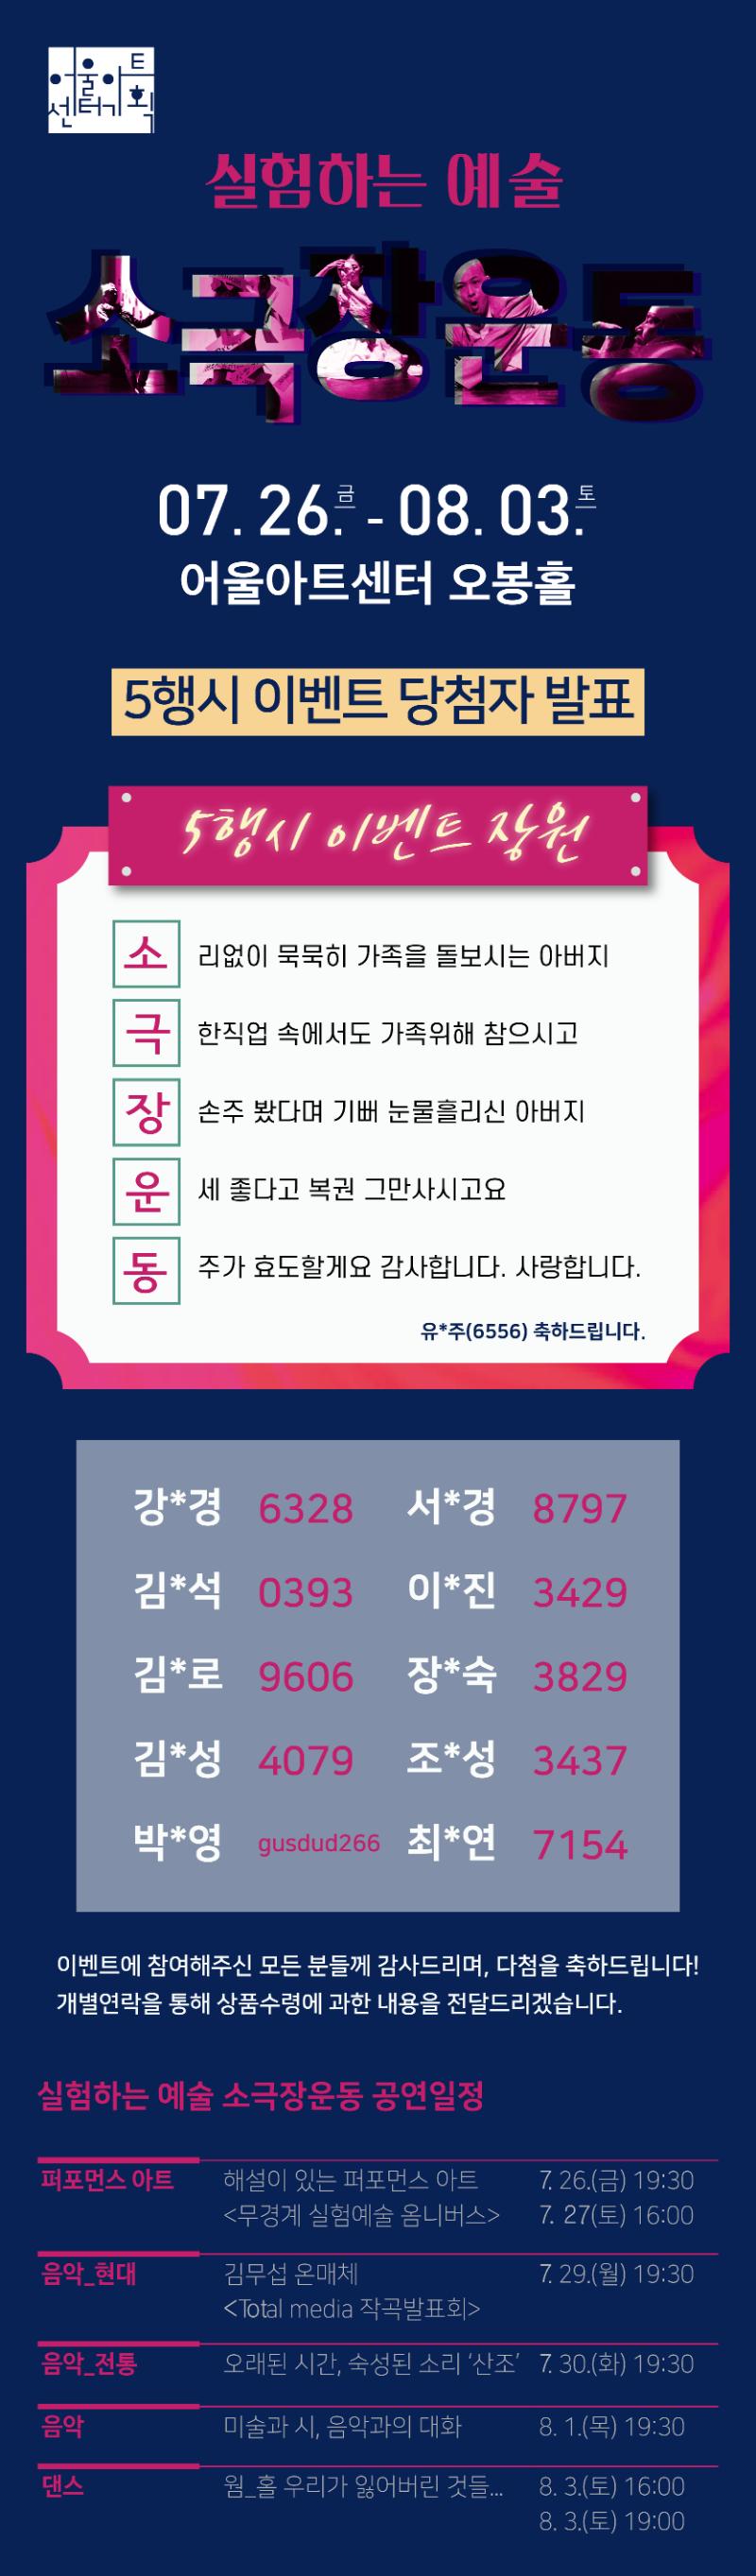 카드_이벤트발표(소극장운동)-01.png